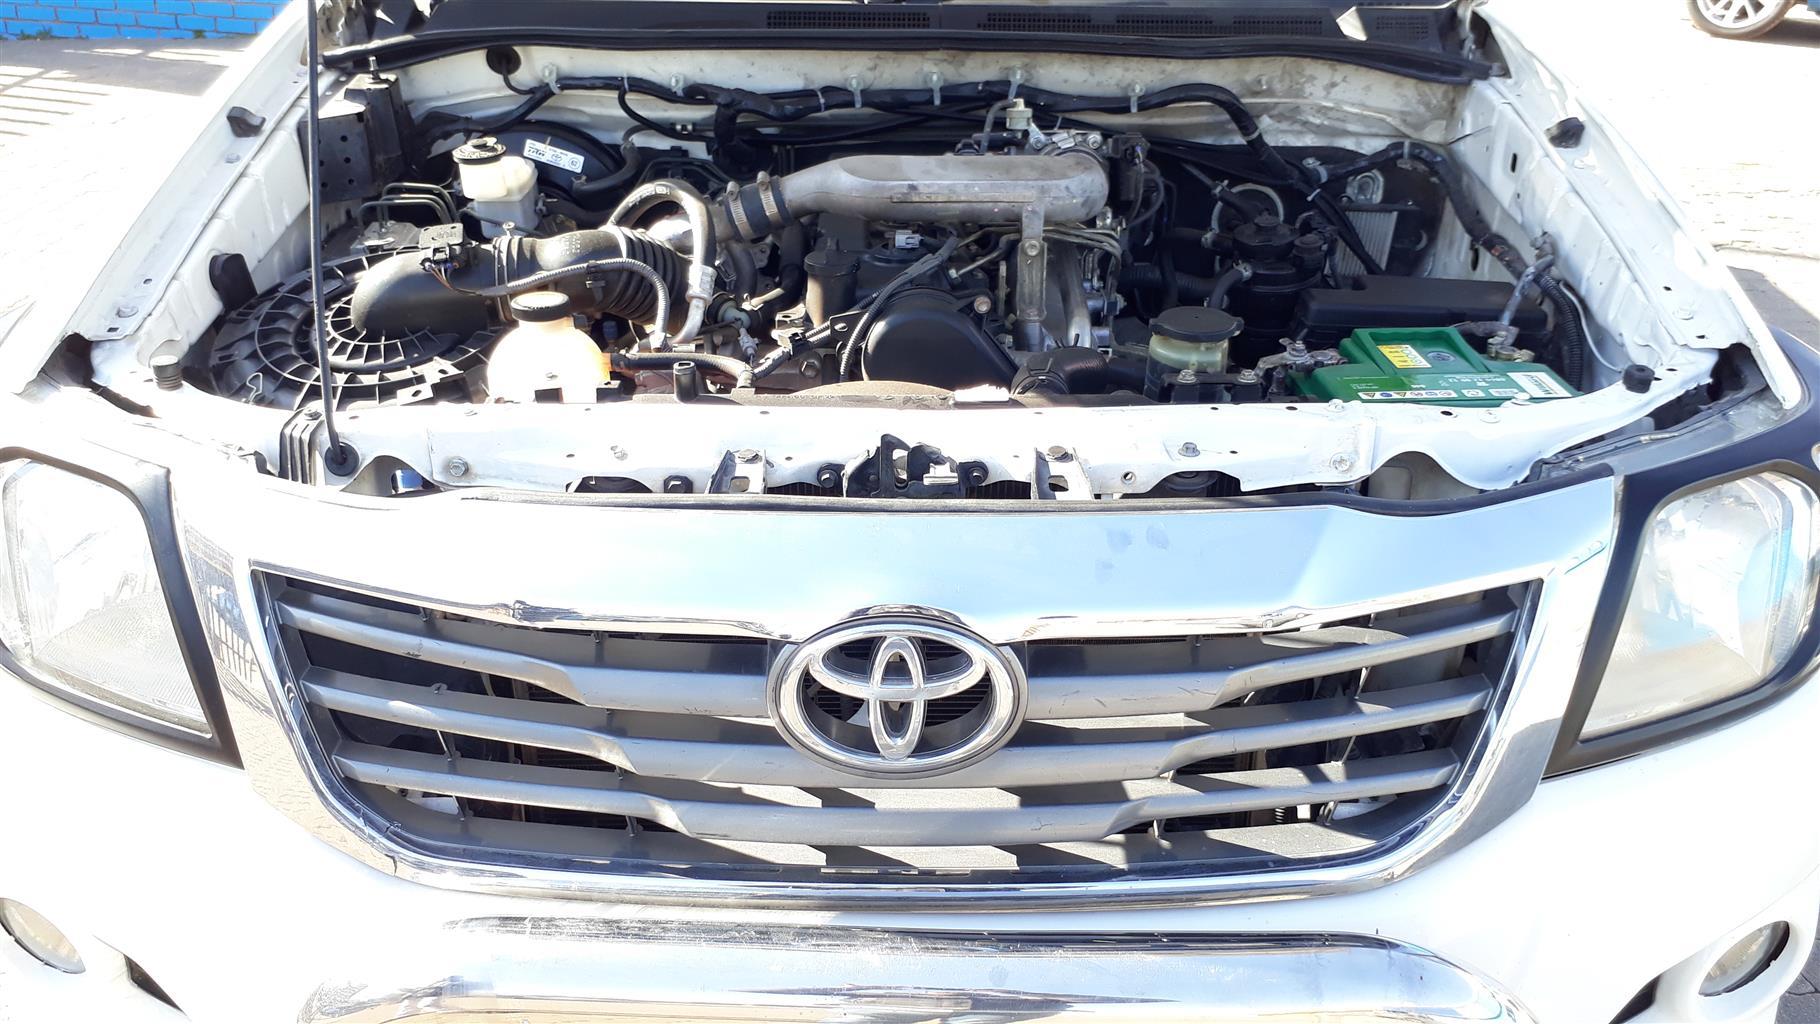 2014 Toyota Hilux 2.5D 4D double cab 4x4 SRX